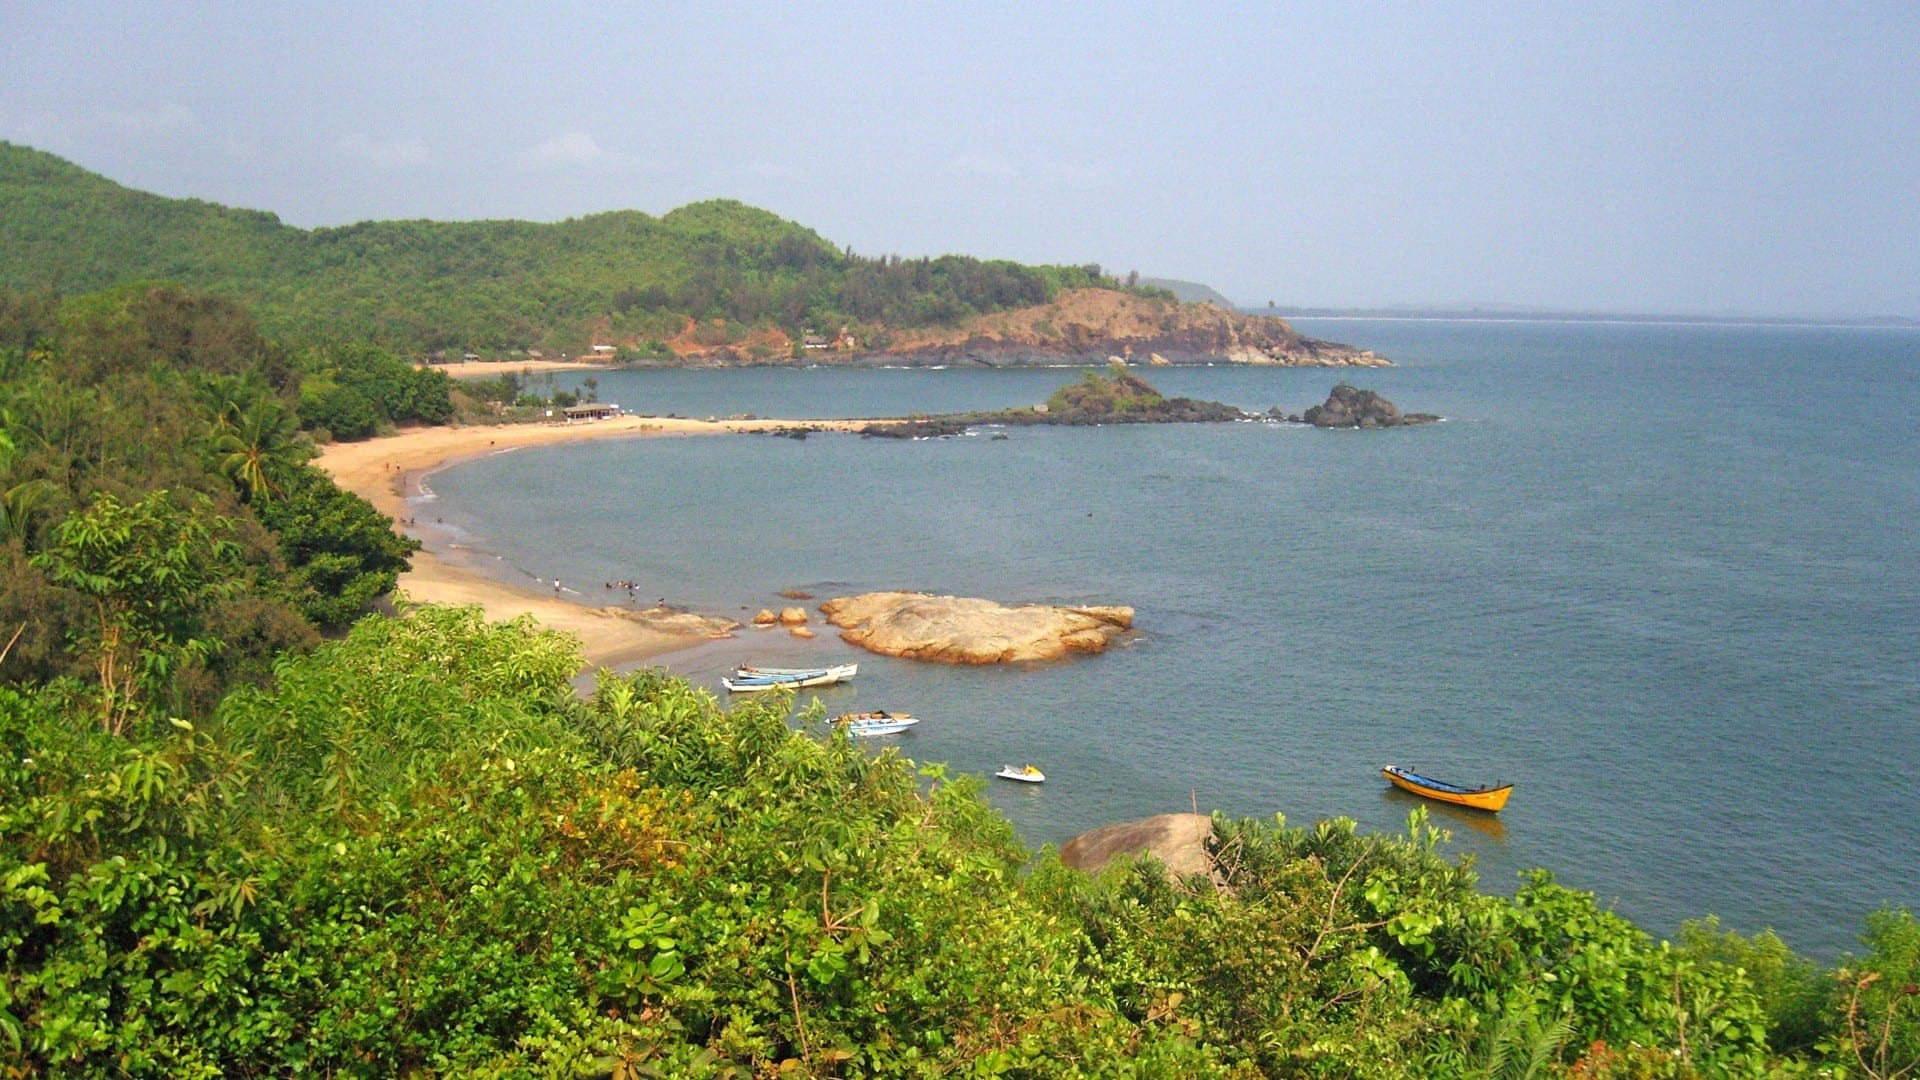 Los servicios de navegación vistos en la playa de Om, a 5 km de la ciudad. Gokarna India